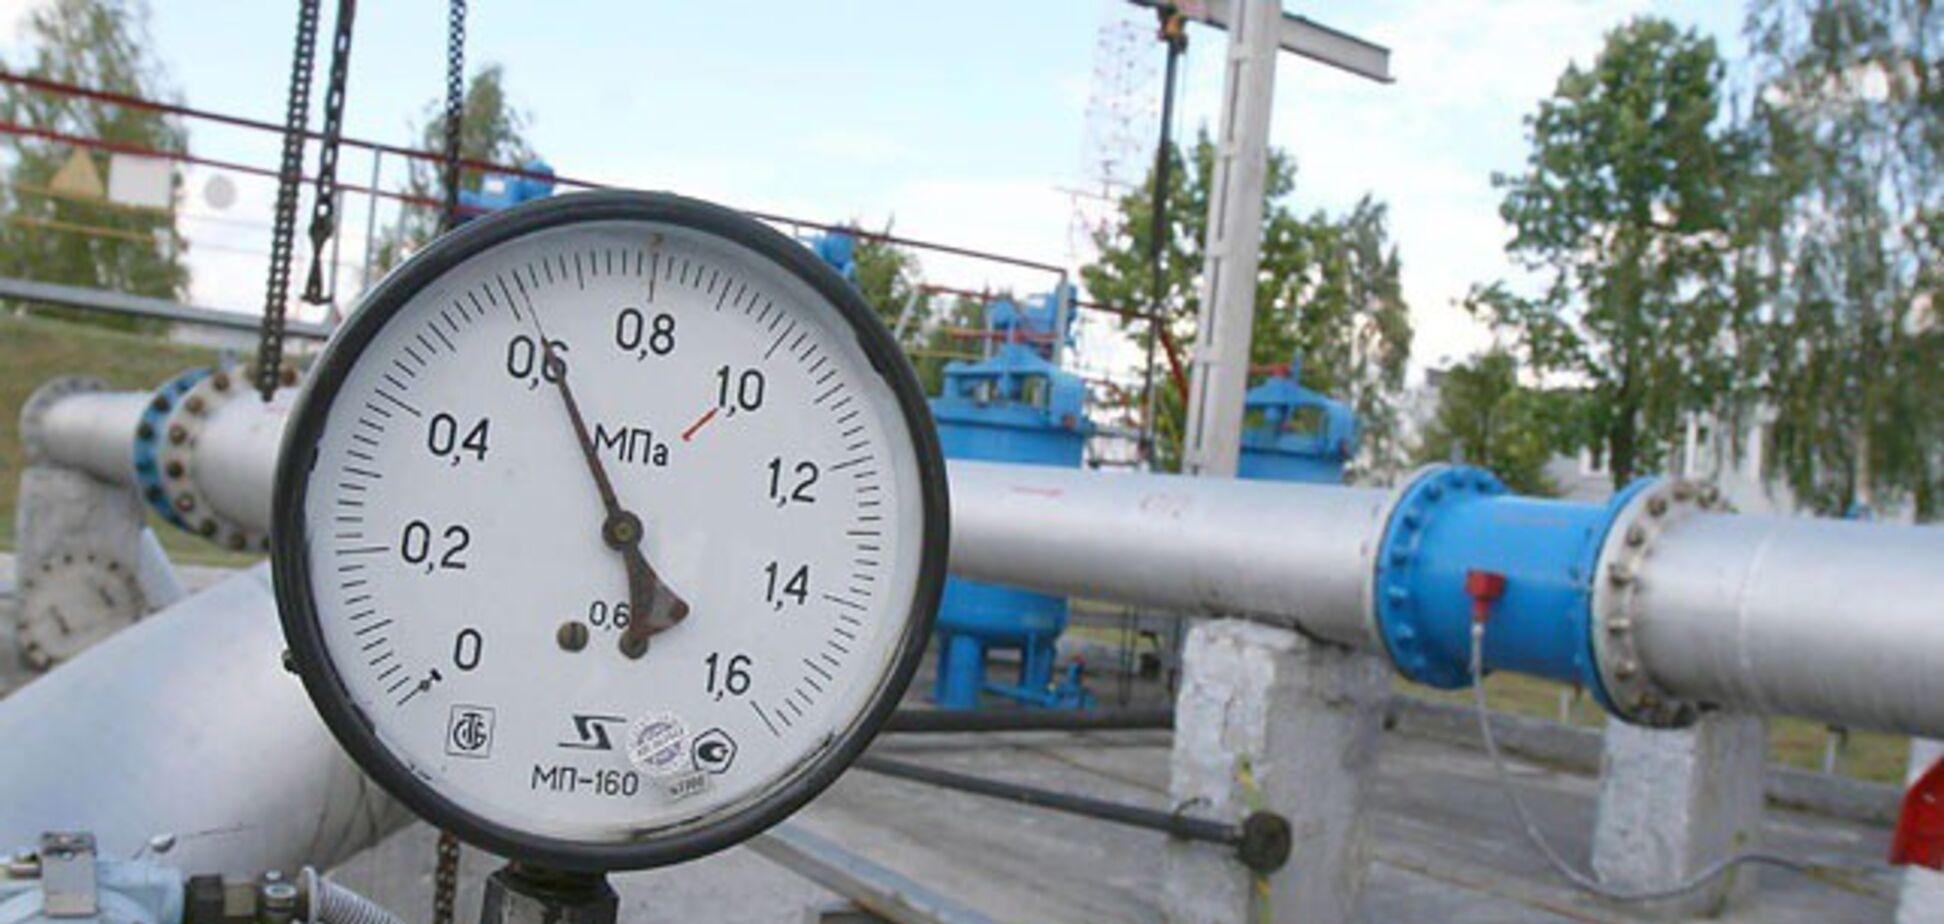 Становить загрозу Польщі та Німеччини: у ЄС відмовилися від брудної нафти Путіна